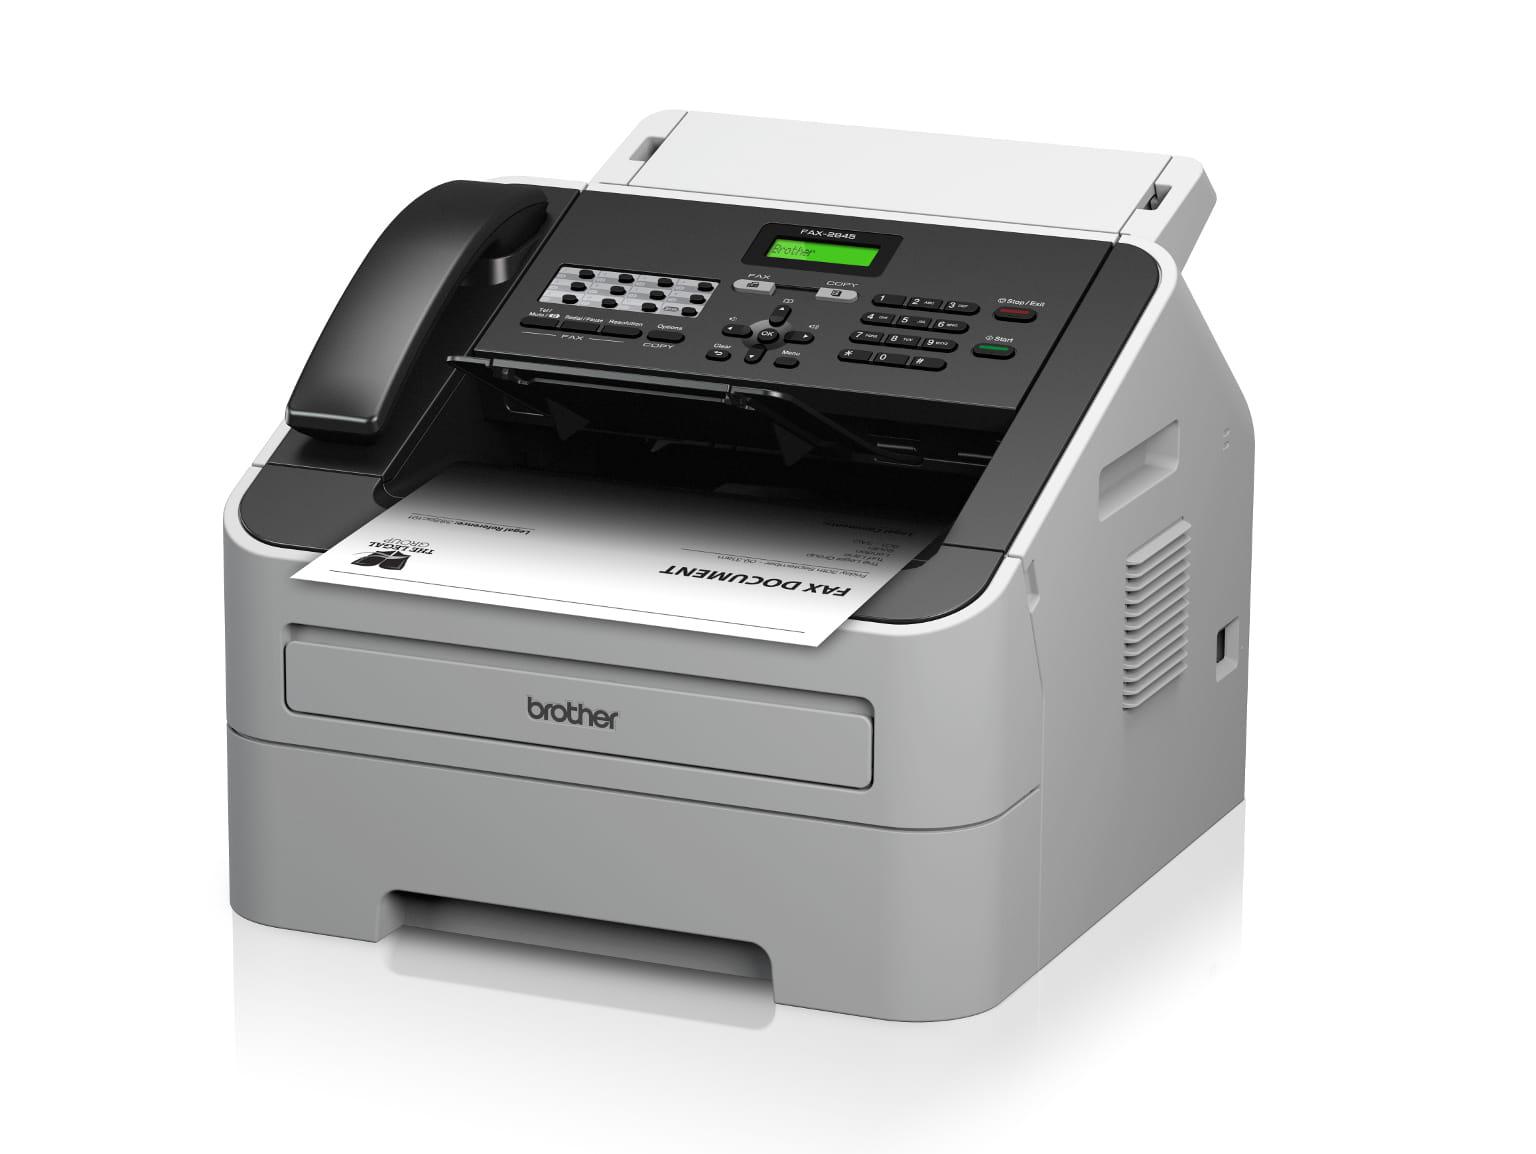 Faxes gama completa